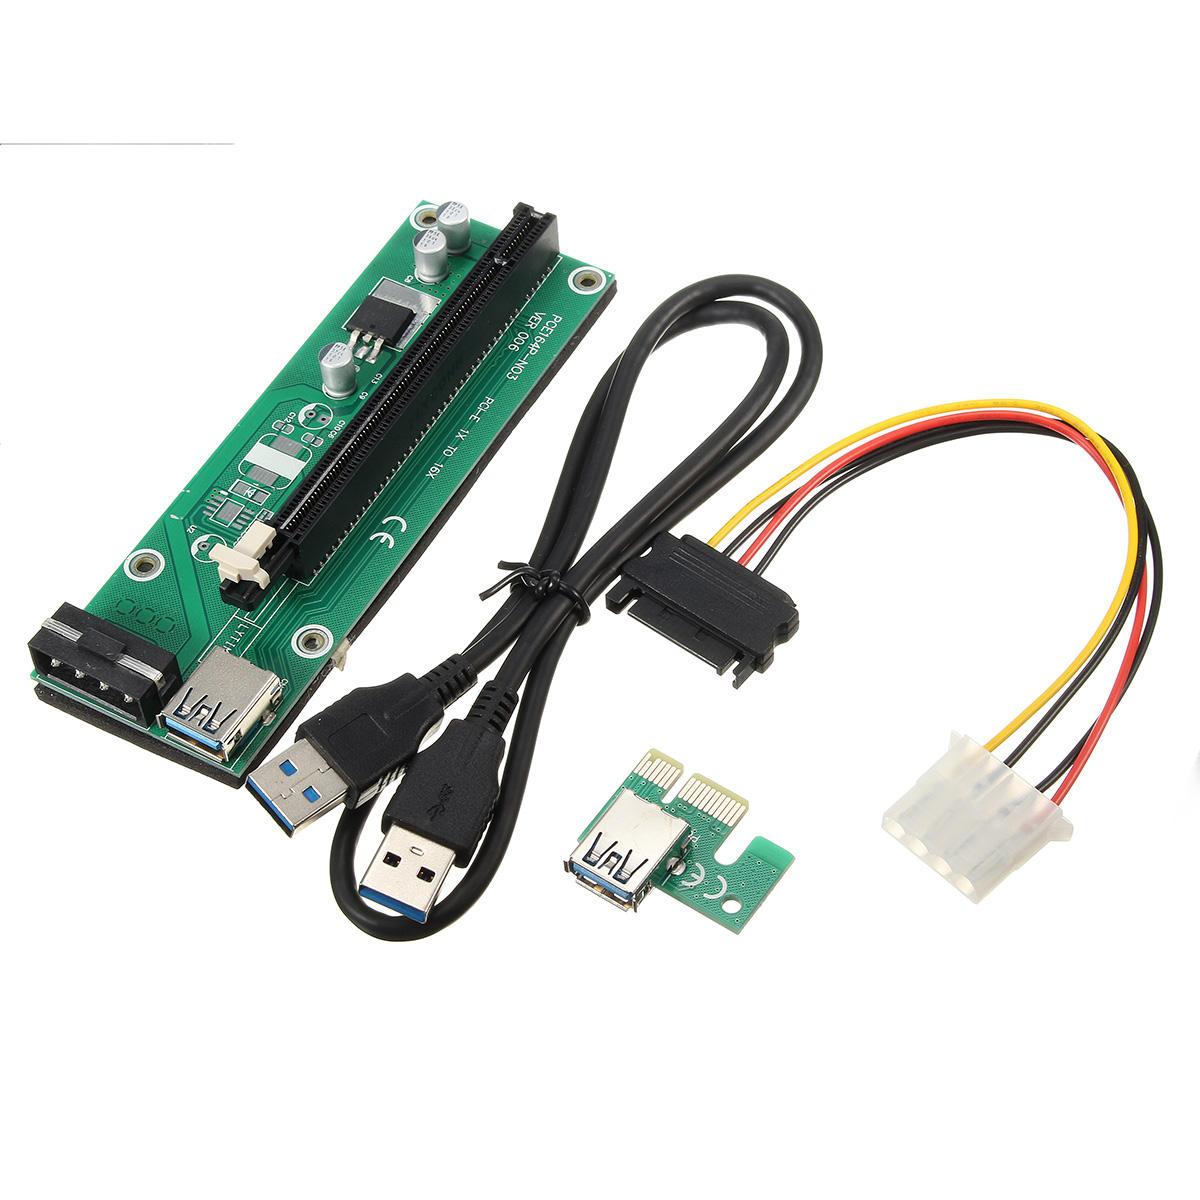 USB 3.0 PCI-E Express 1x to16x удлинительный кабель удлинительный адаптер платы платы SATA кабель